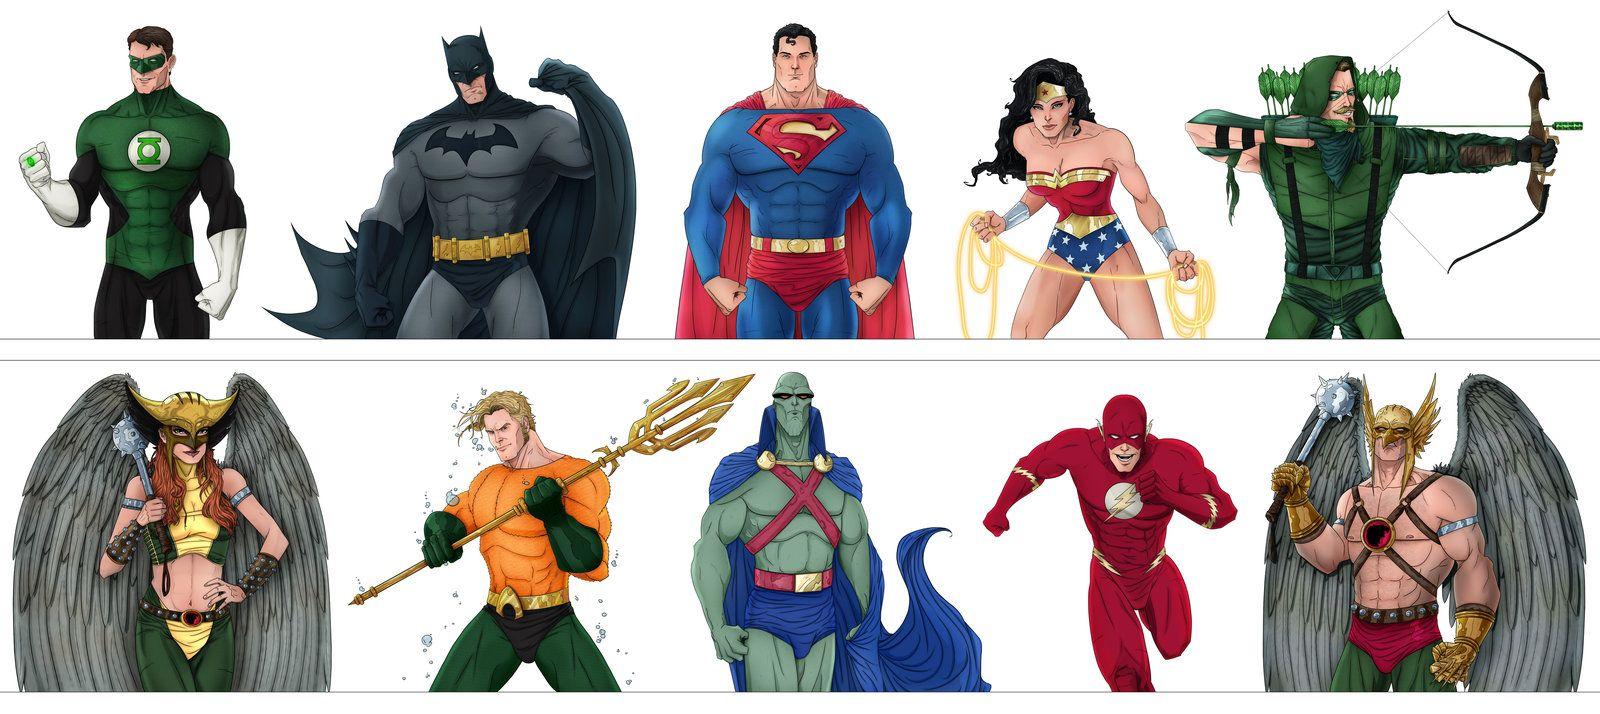 Dc Set 1 Justice League By Slewis18 Deviantart Com On Deviantart Justice League Superhero Comic League